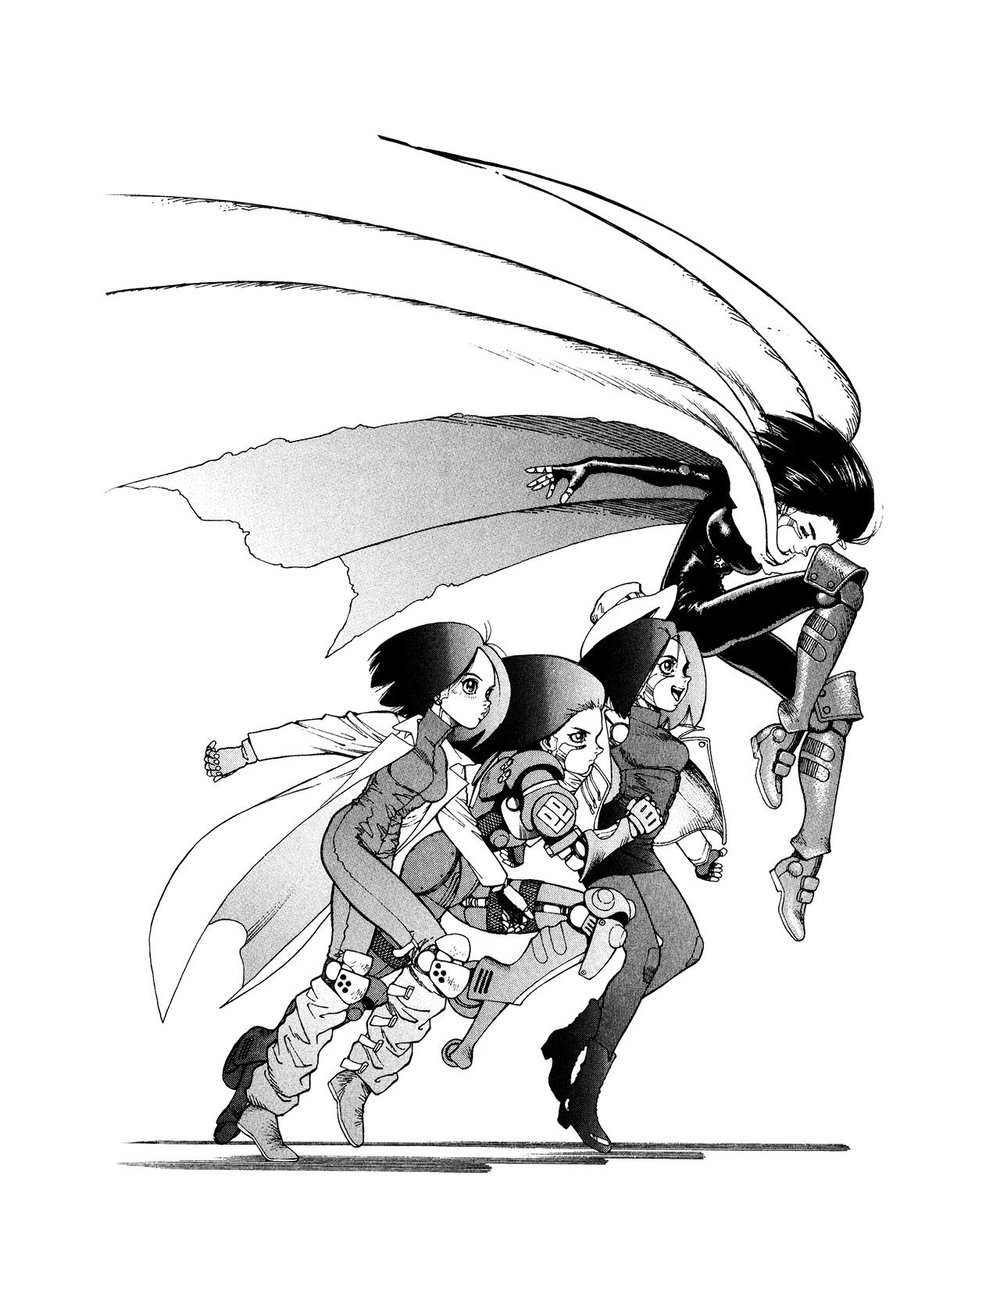 L'evoluzione di Alita lungo gli archi narrativi del manga originale.